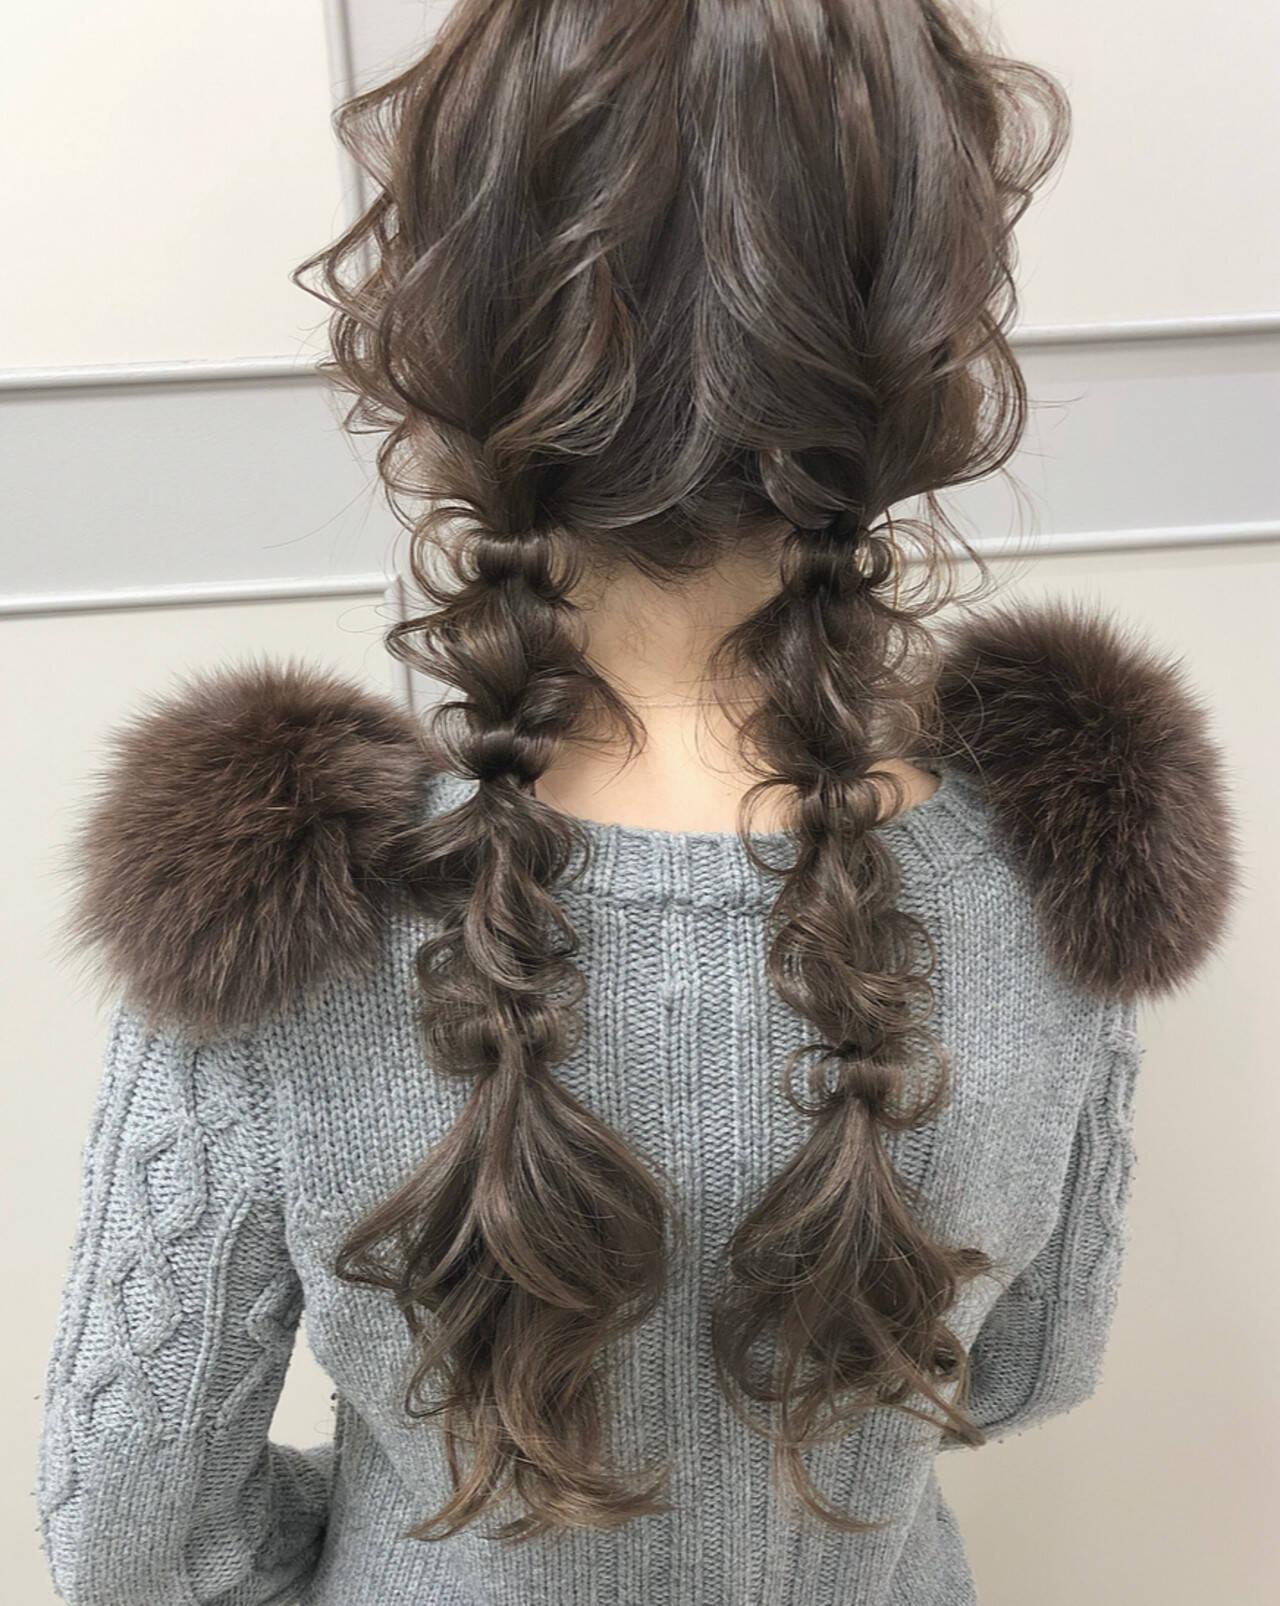 ツインテール ナチュラル 編みおろしツイン ロングヘアスタイルや髪型の写真・画像